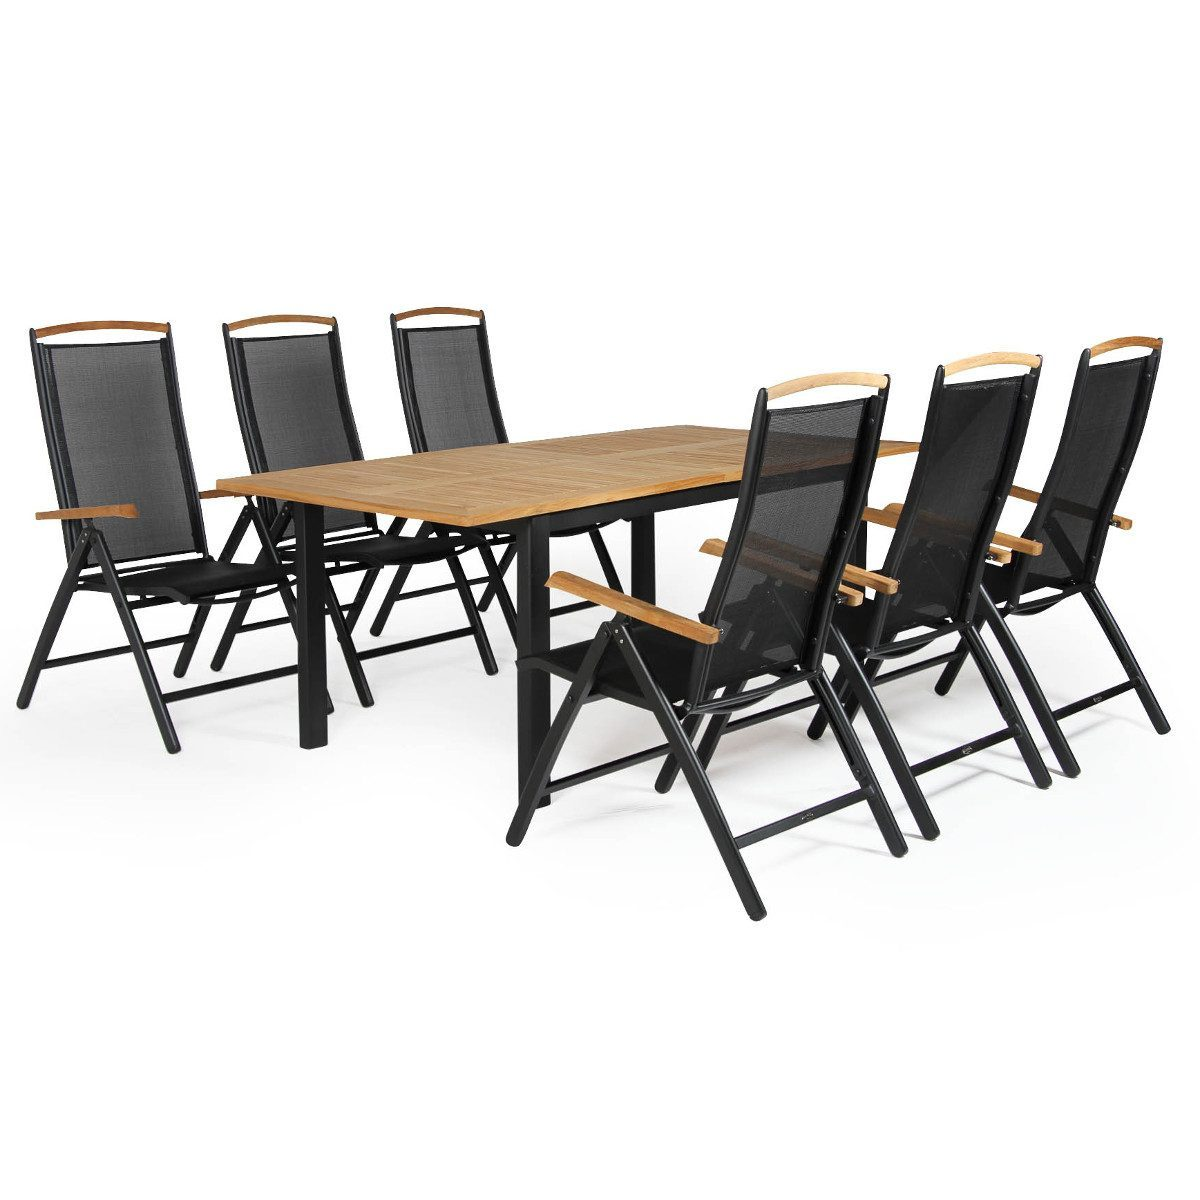 Andy positionsstol tillsammans med Lyon förlängningsbord i teak och svart aluminium.